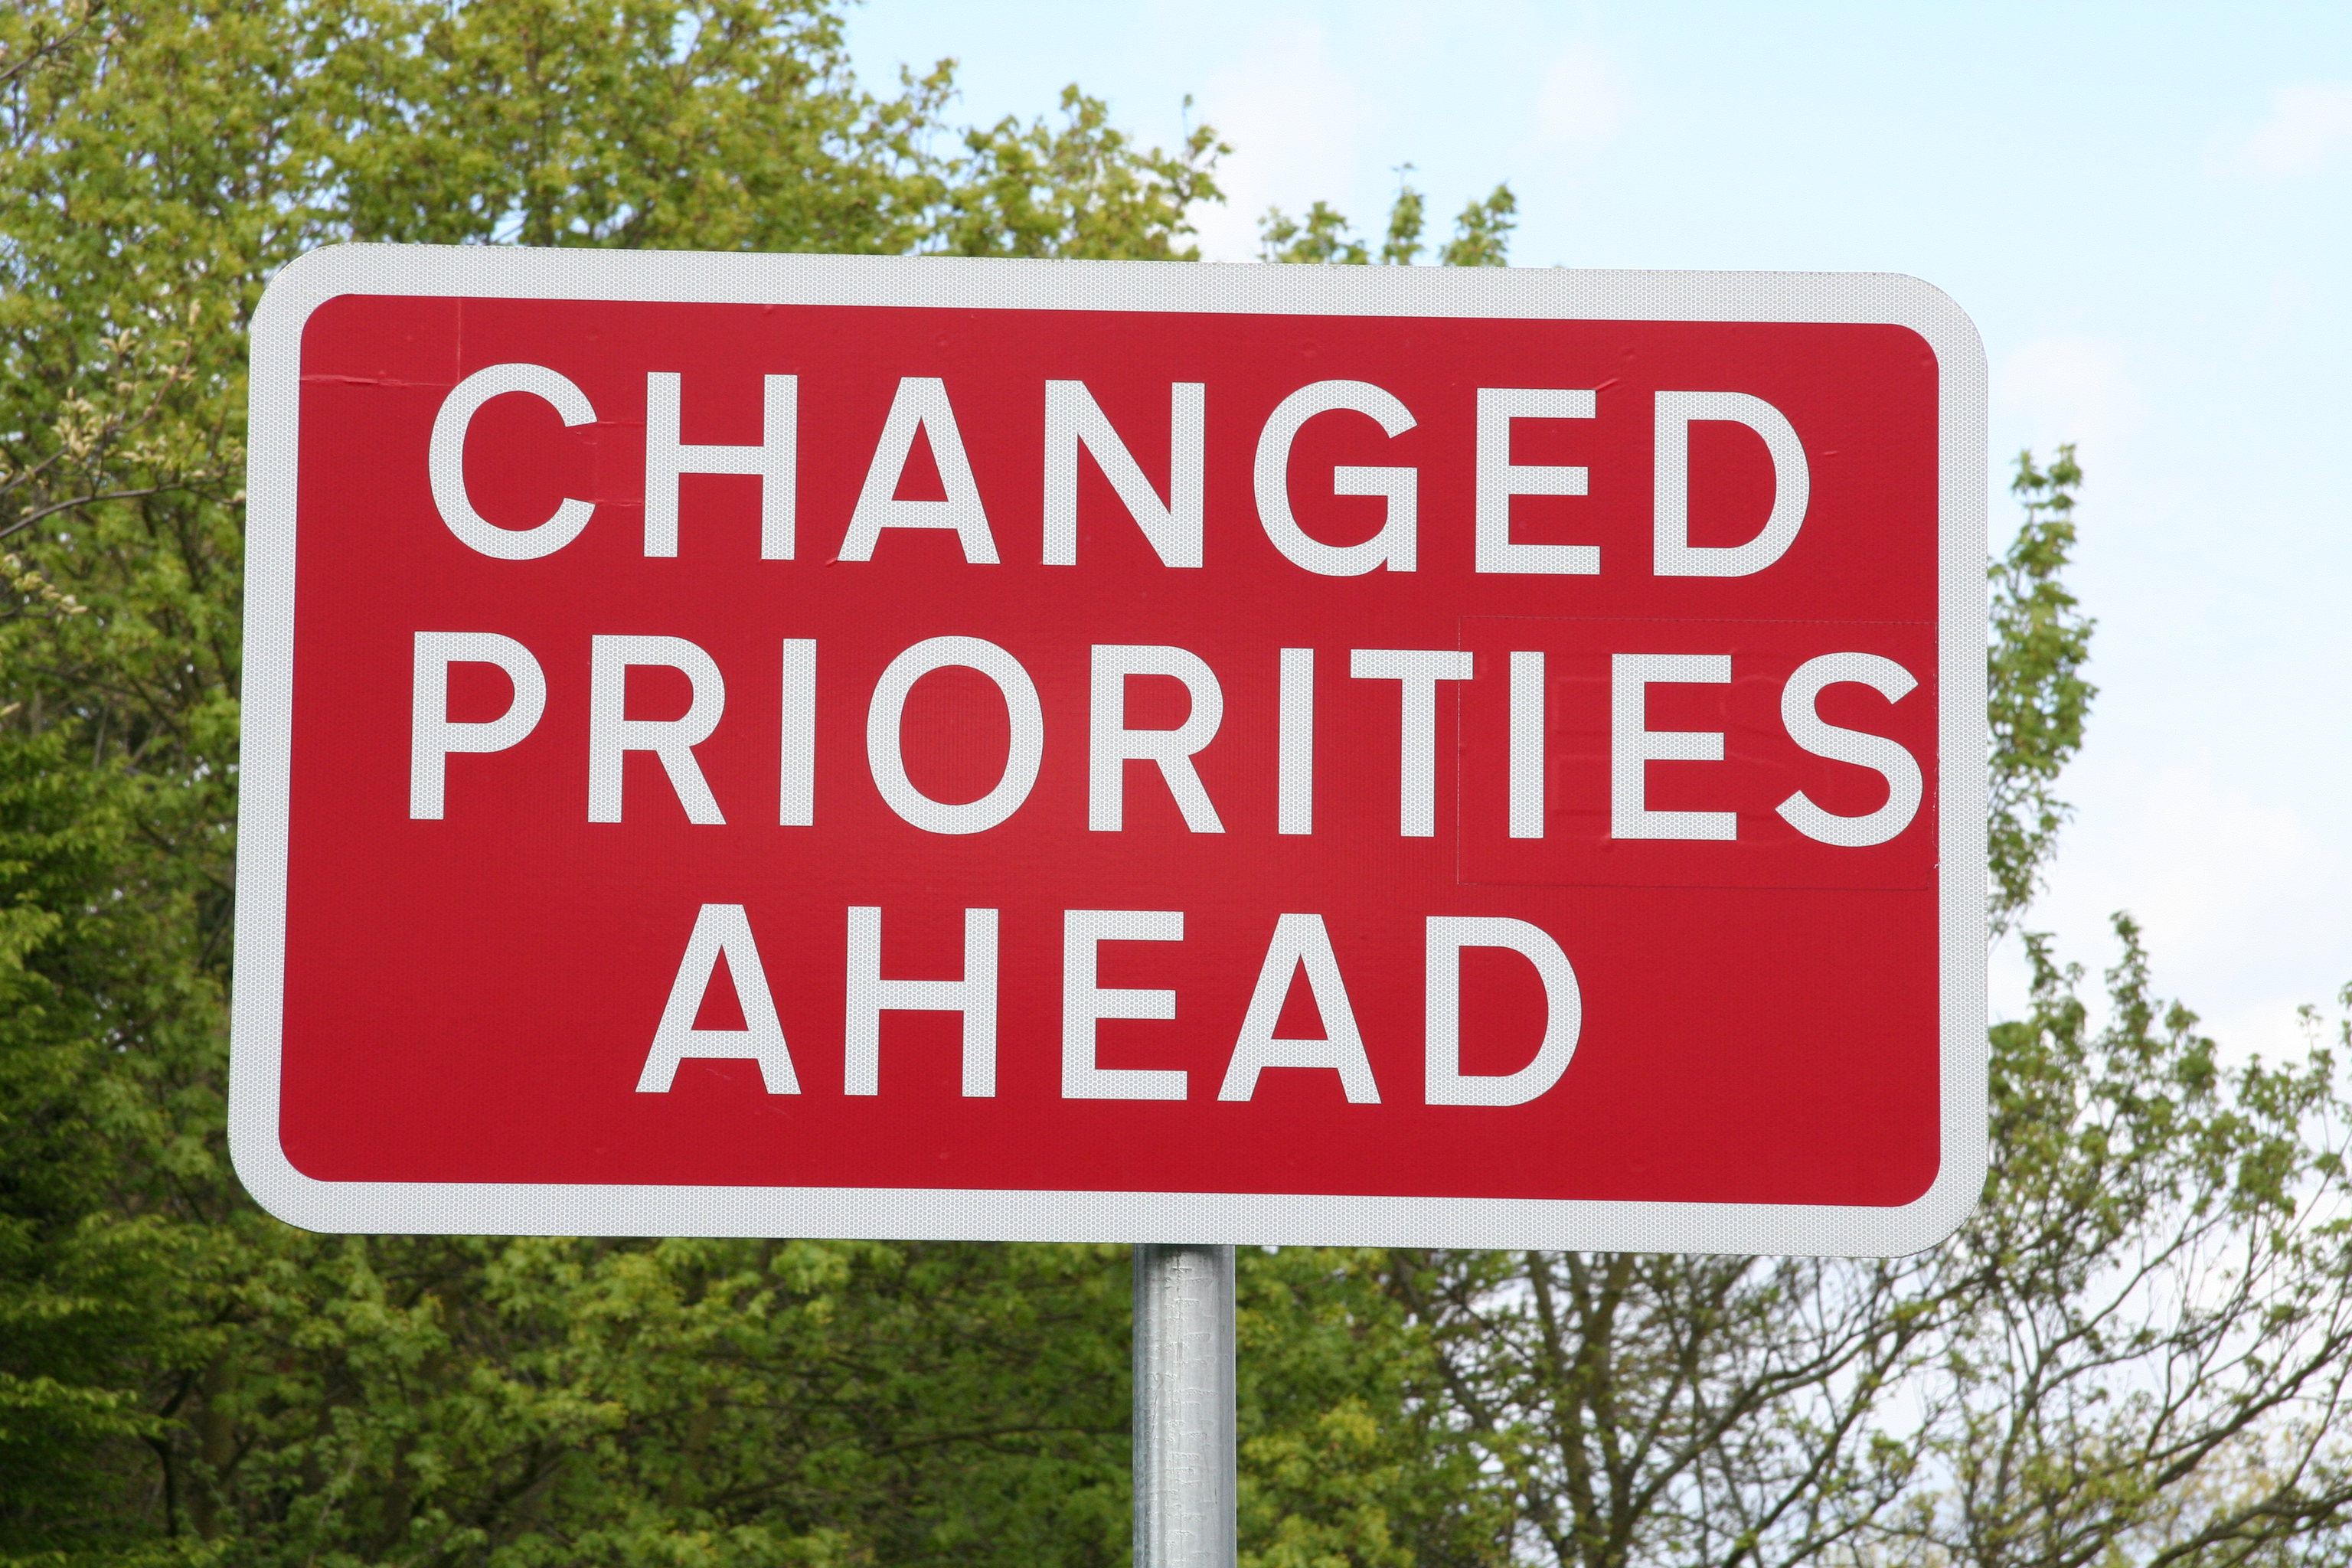 Straßenschild mit der Aufschrift 'Changed priorities ahead'